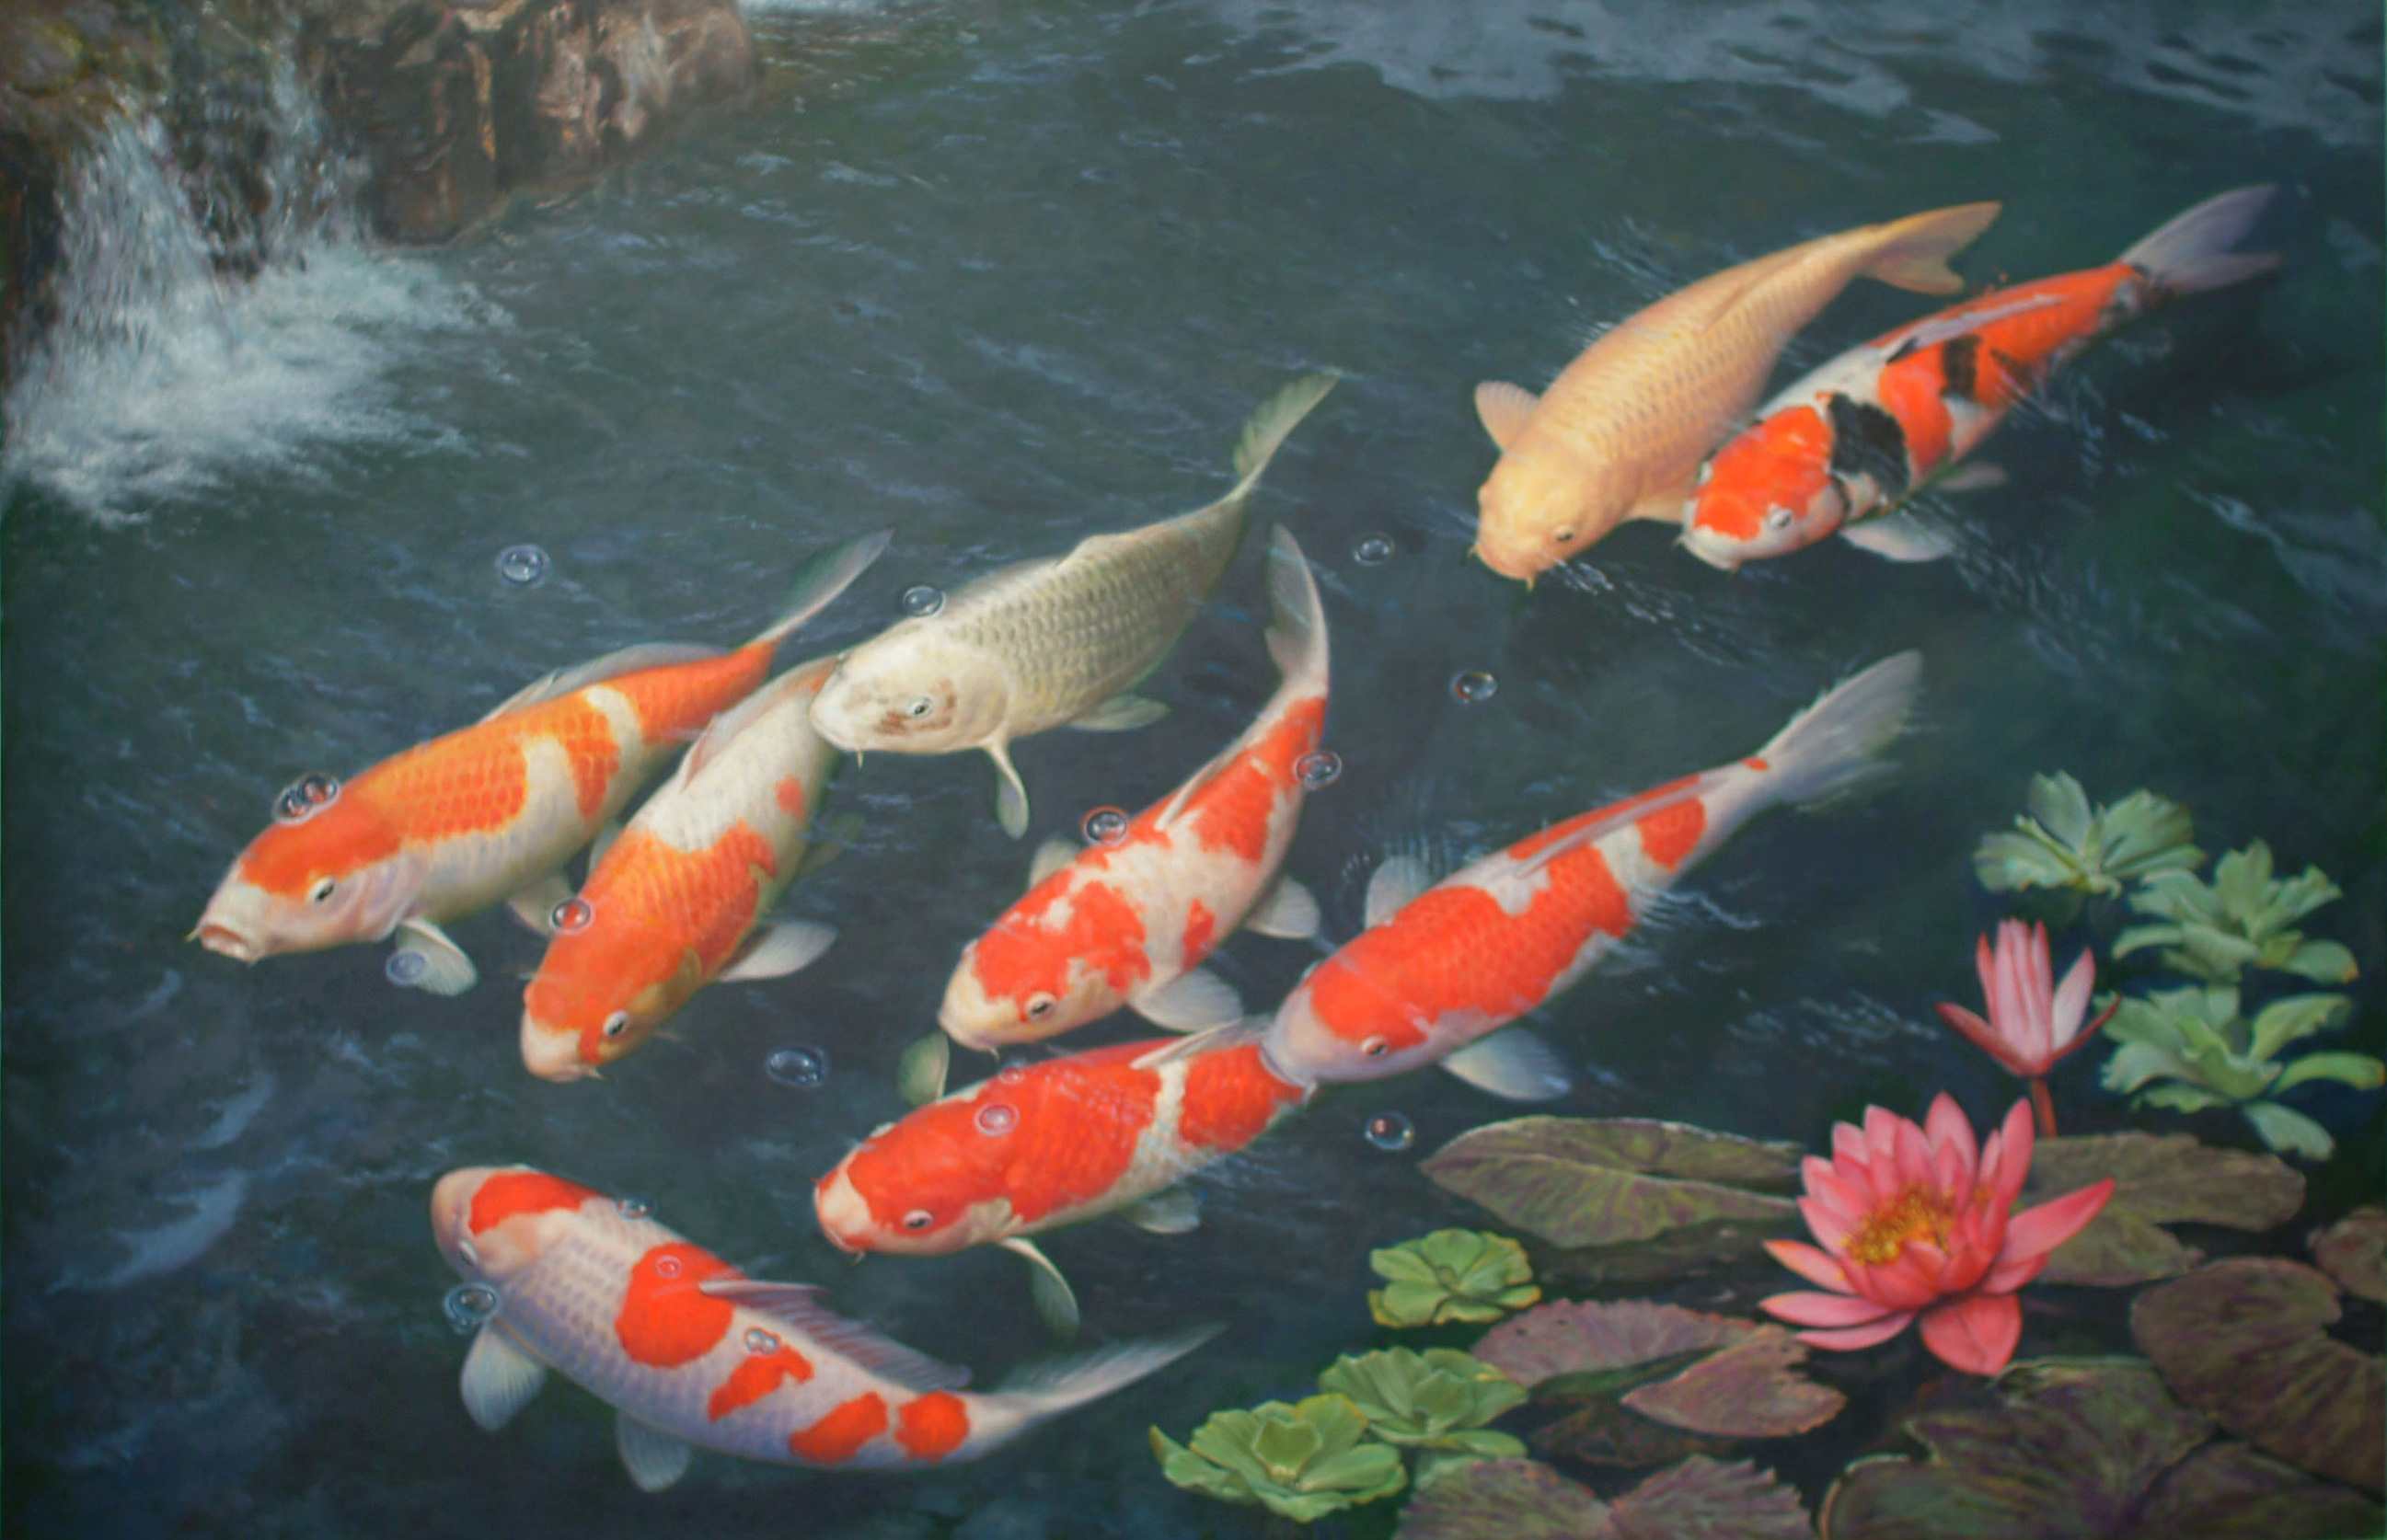 Koi fish wallpaper wallpapersafari for Koi fish wallpaper for walls